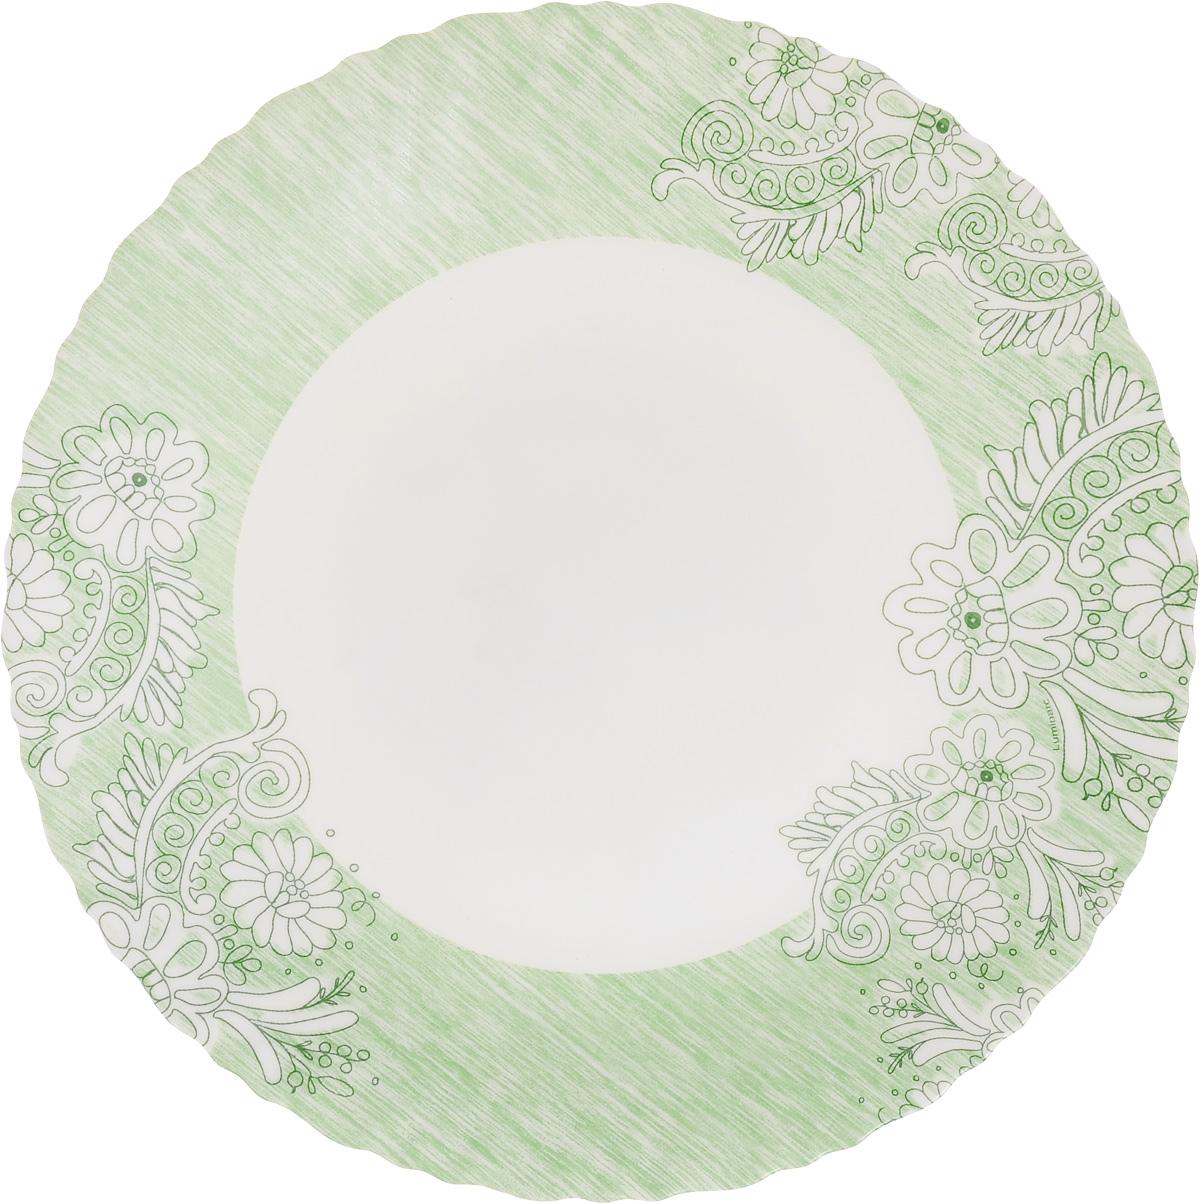 Тарелка обеденная Luminarc Minelly Green, 25 см115510Обеденная тарелка Luminarc Minelly Green, изготовленная из высококачественного стекла,имеет изысканный внешний вид. Яркий дизайн придется по вкусу и ценителям классики,и тем, кто предпочитает утонченность. Тарелка Luminarc Minelly Green идеально подойдет для сервировкистола и станет отличным подарком к любому празднику.Диаметр (по верхнему краю): 25 см.Высота тарелки: 2 см.